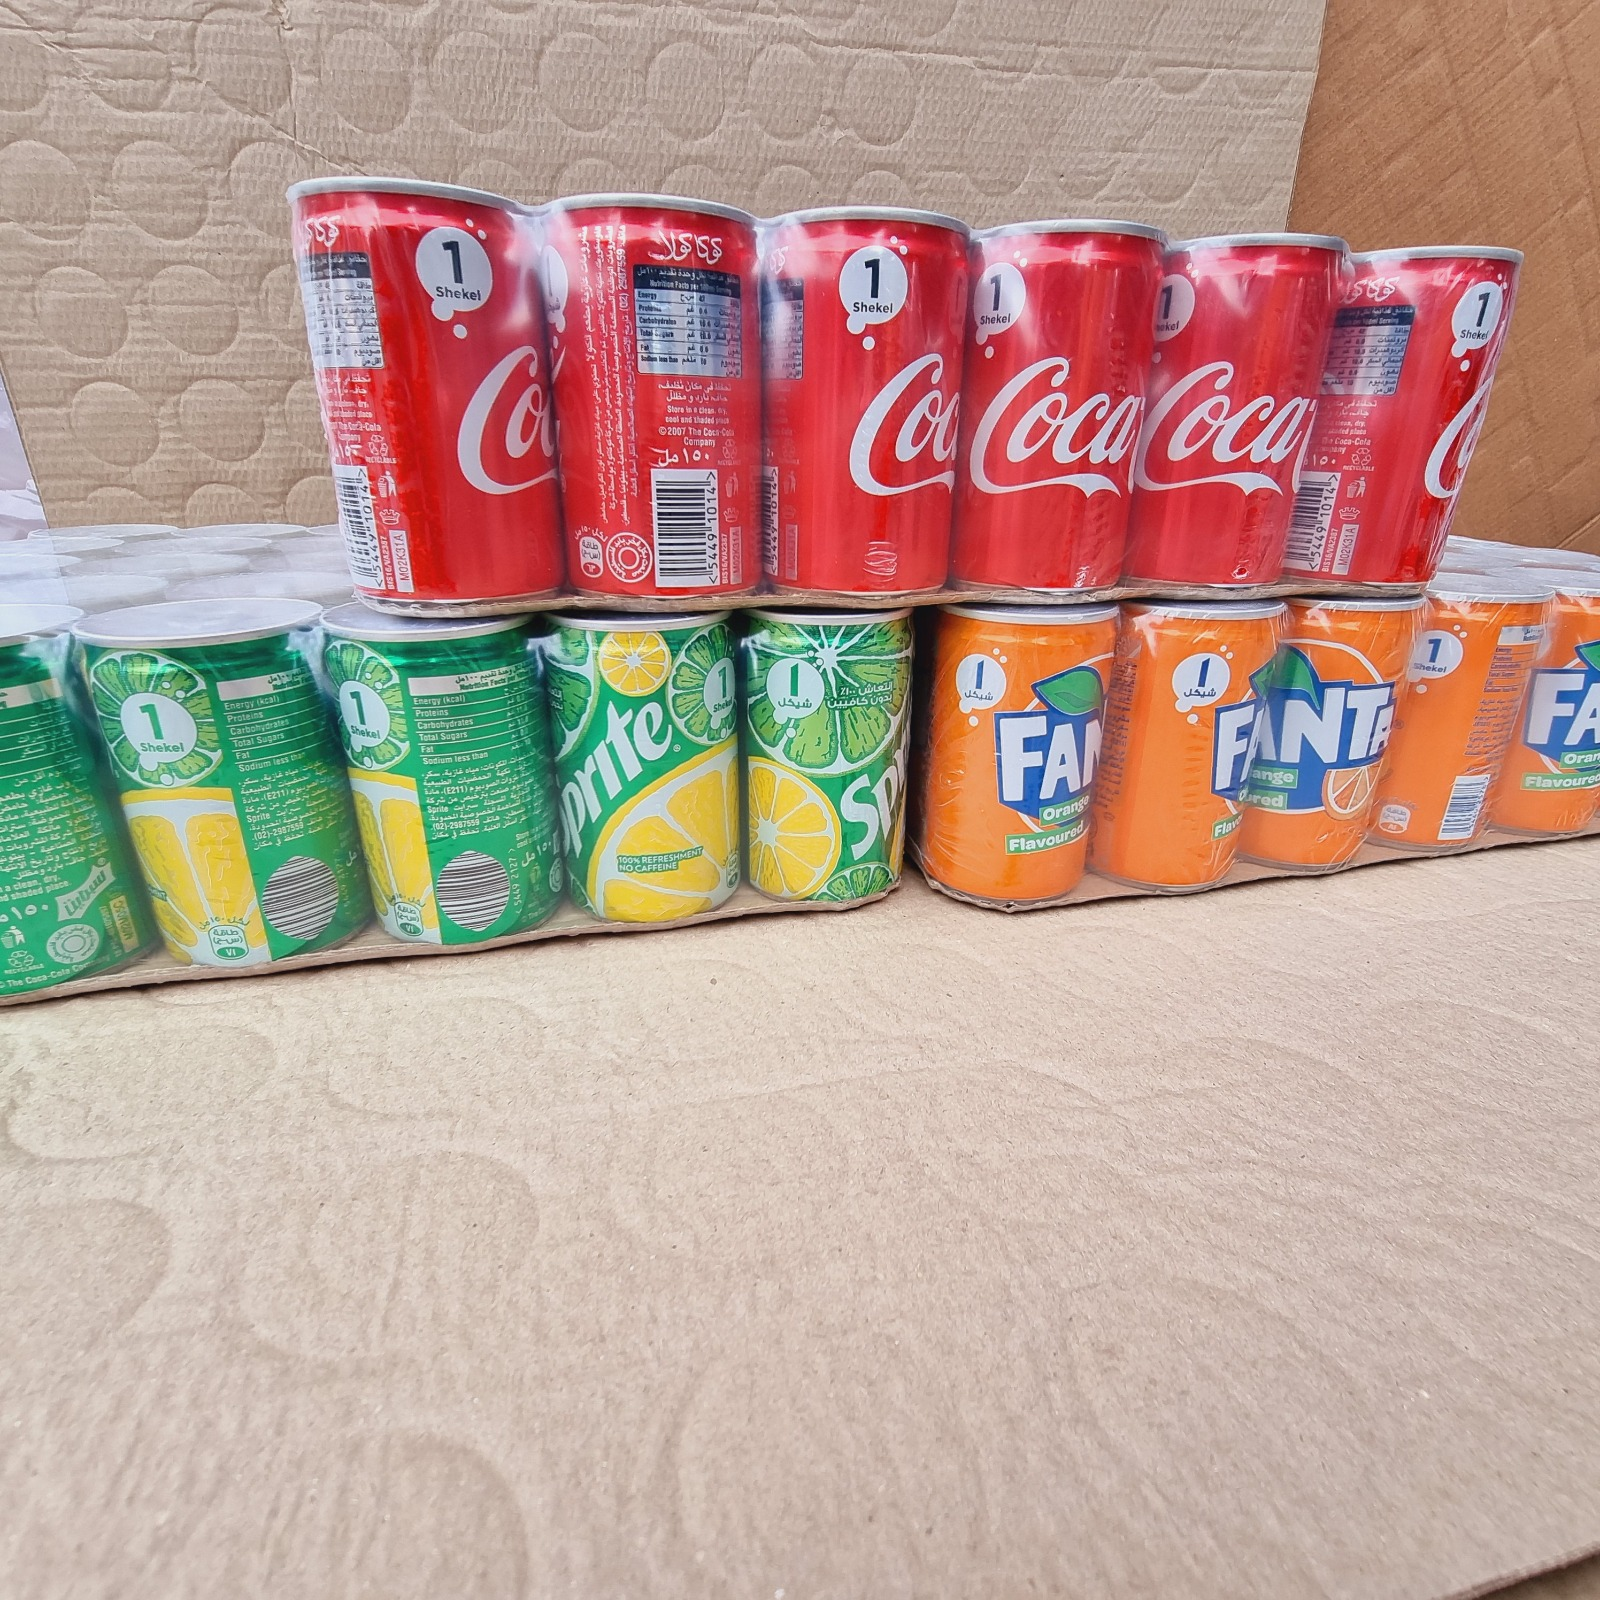 عطارة زعتر بيافا تُعلن عن حملة جديدة لتحطيم الأسعار بمناسبة شهر رمضان